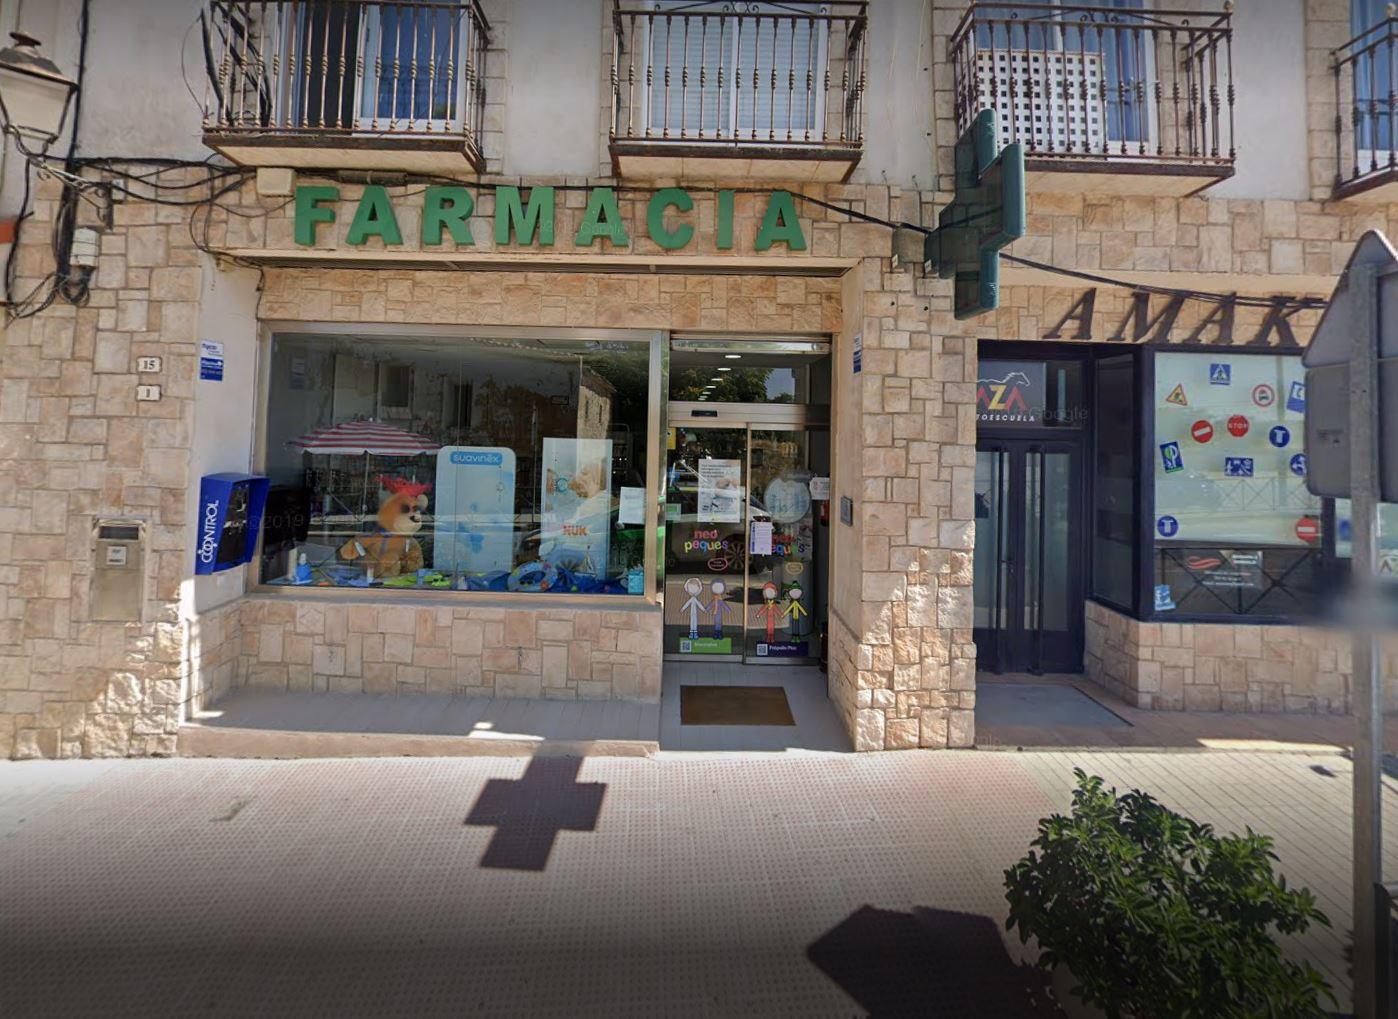 Farmacia vendida en Pozuelo del Rey – Madrid